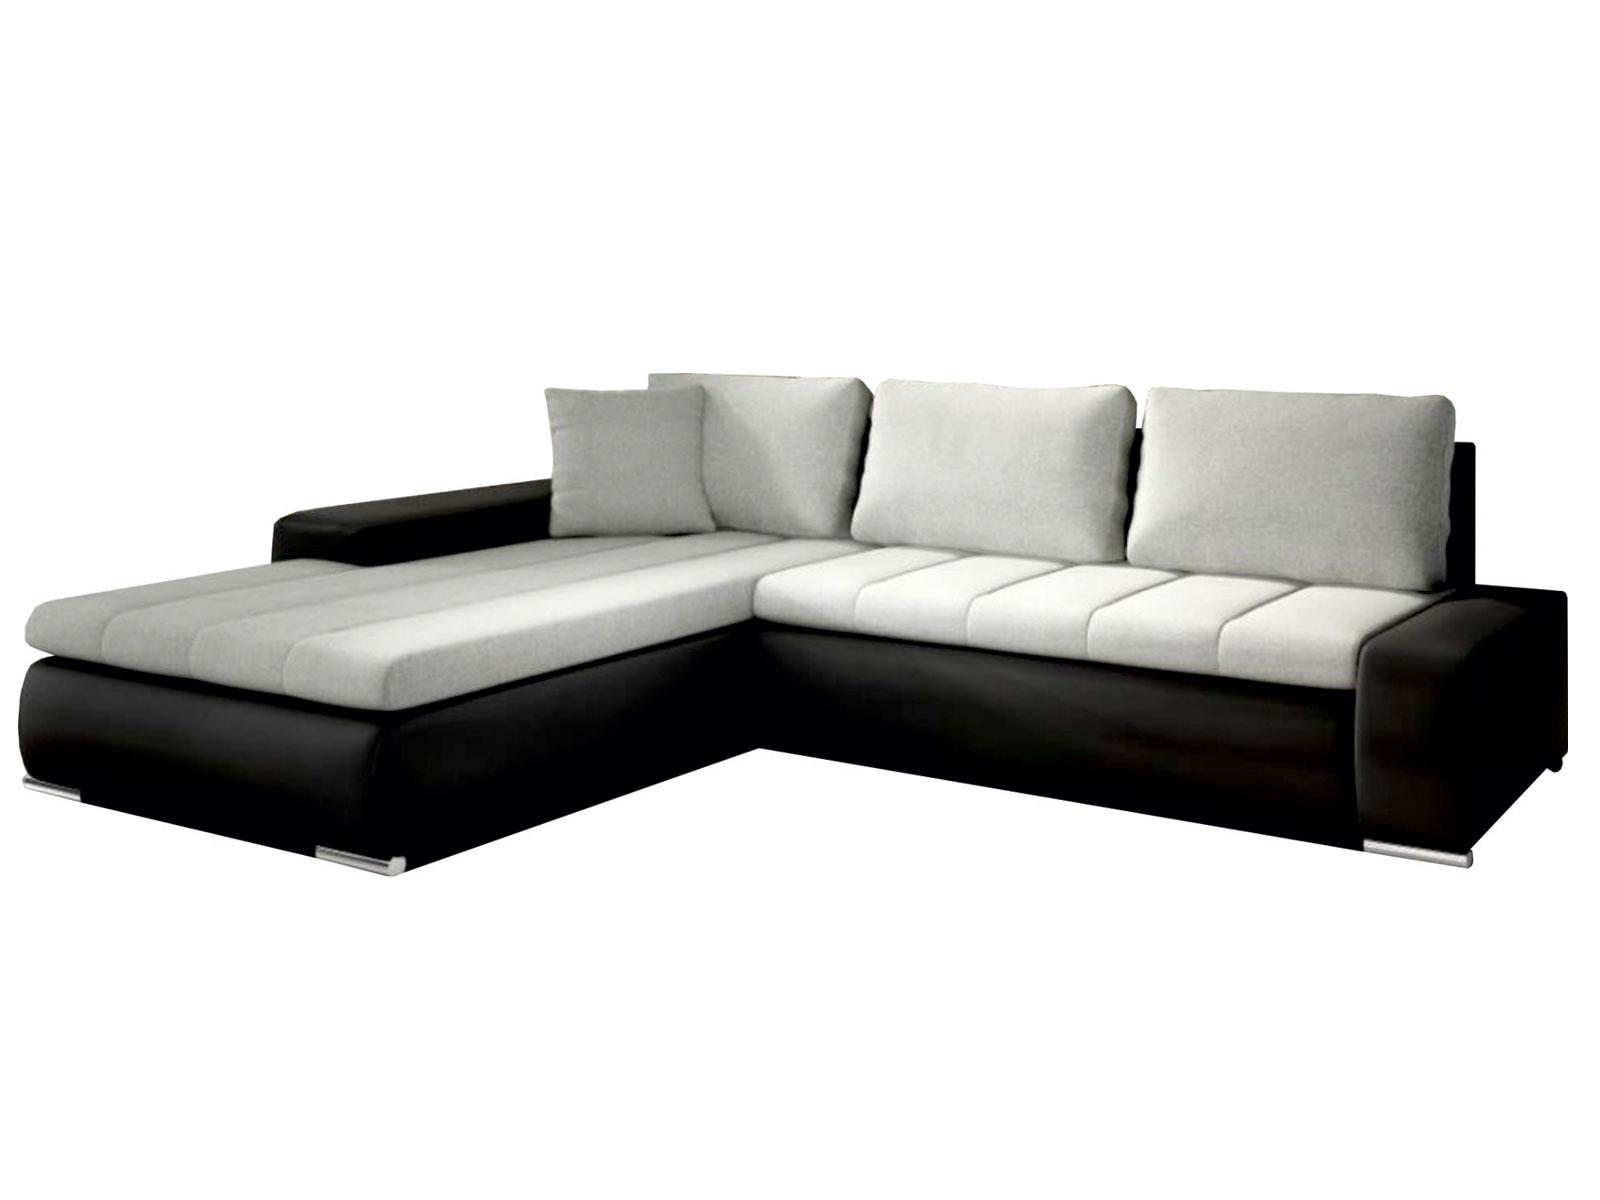 Rohová sedací souprava - Famm - Tivano světle šedá + koženka černá (L)